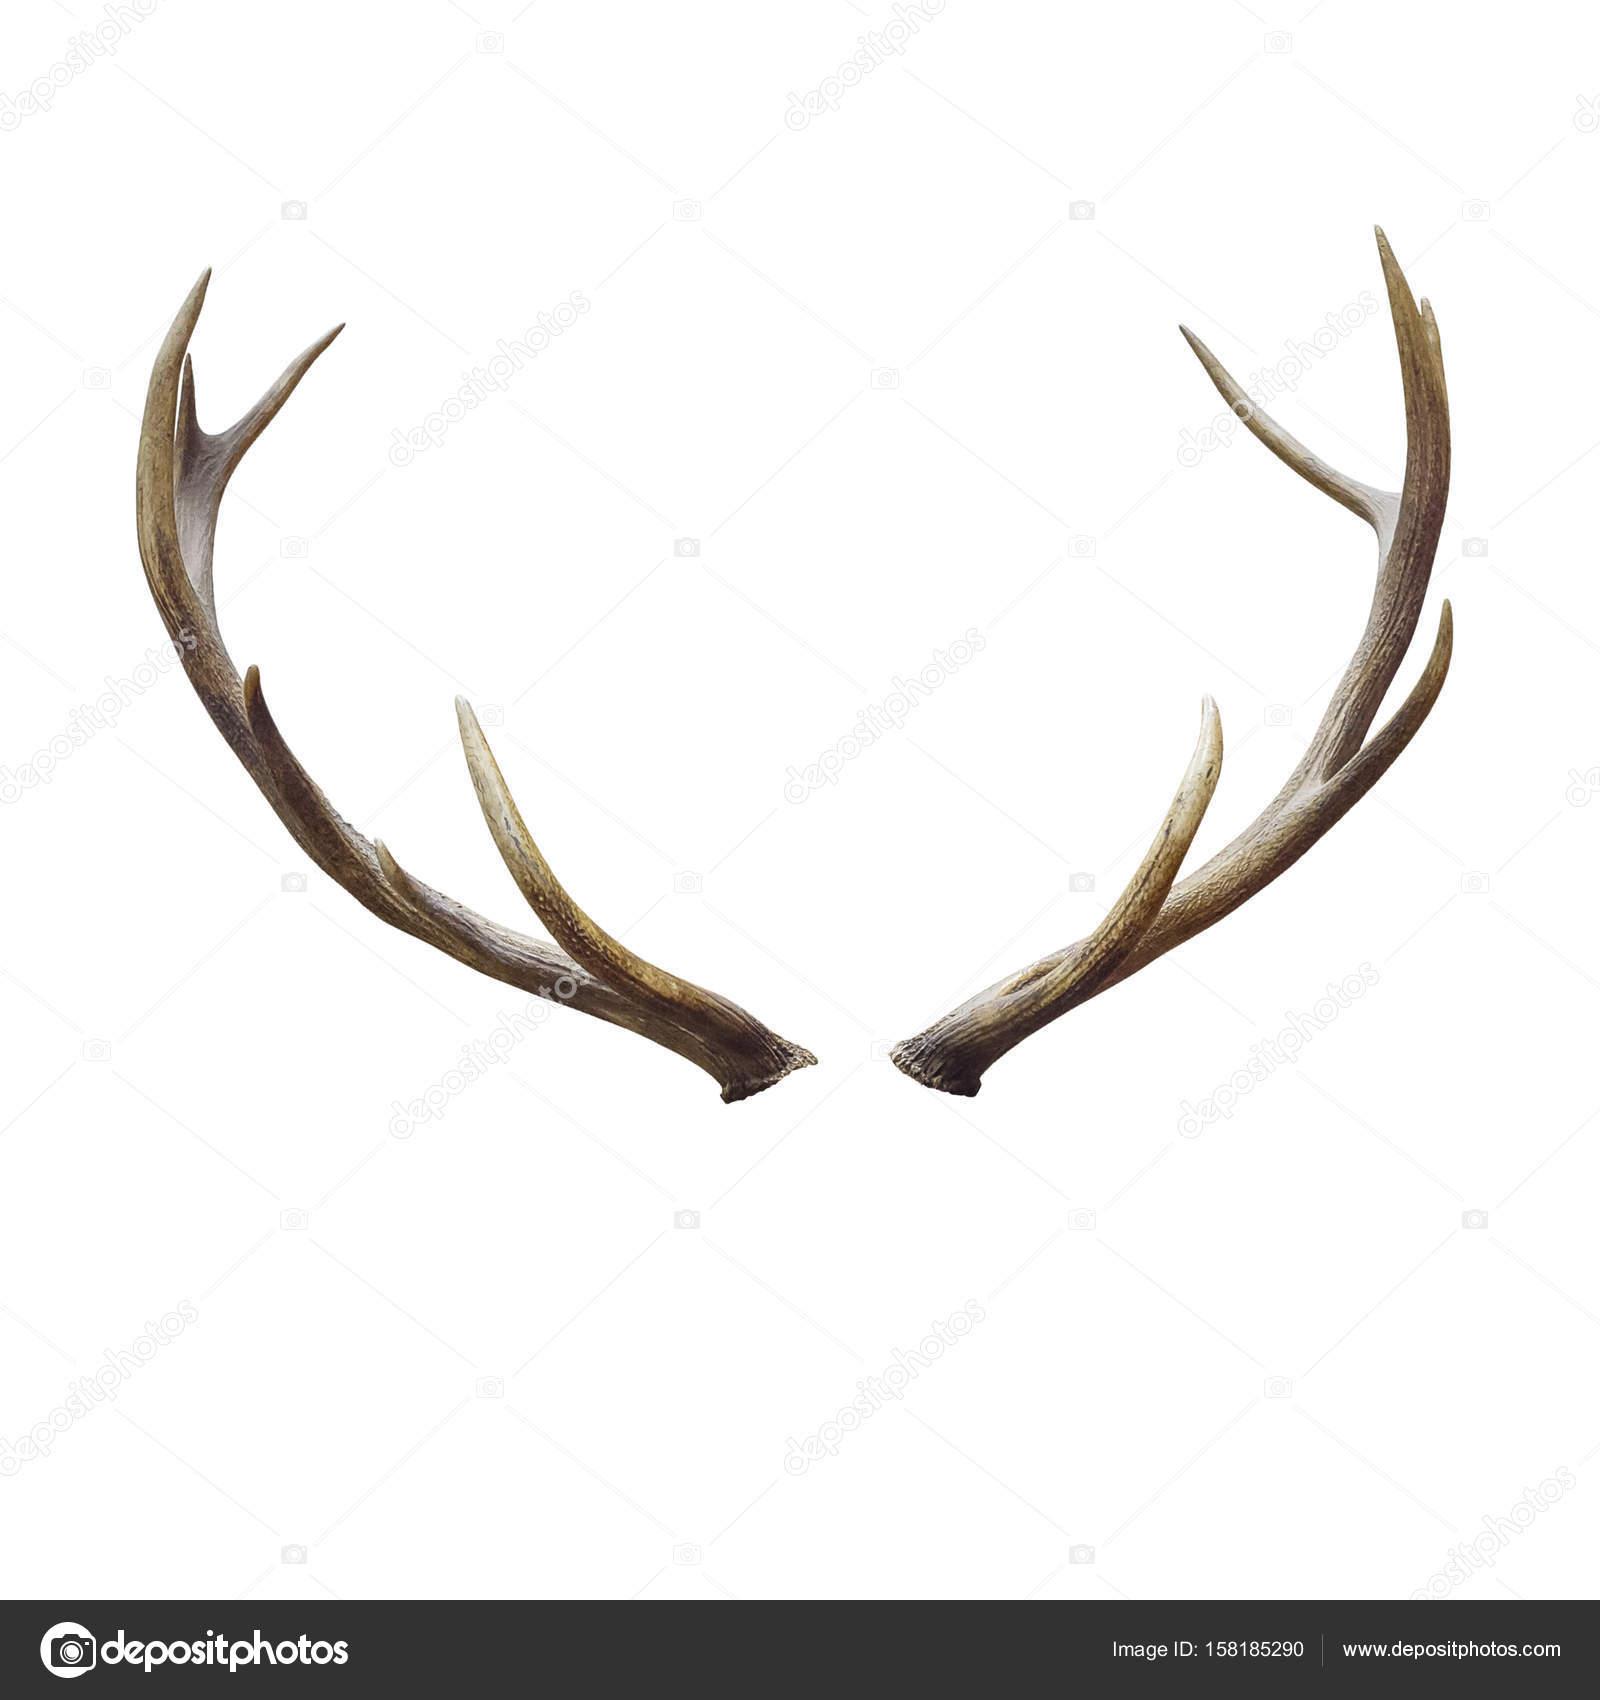 decoración de cuernos de ciervo — Foto de stock © nirutdps #158185290